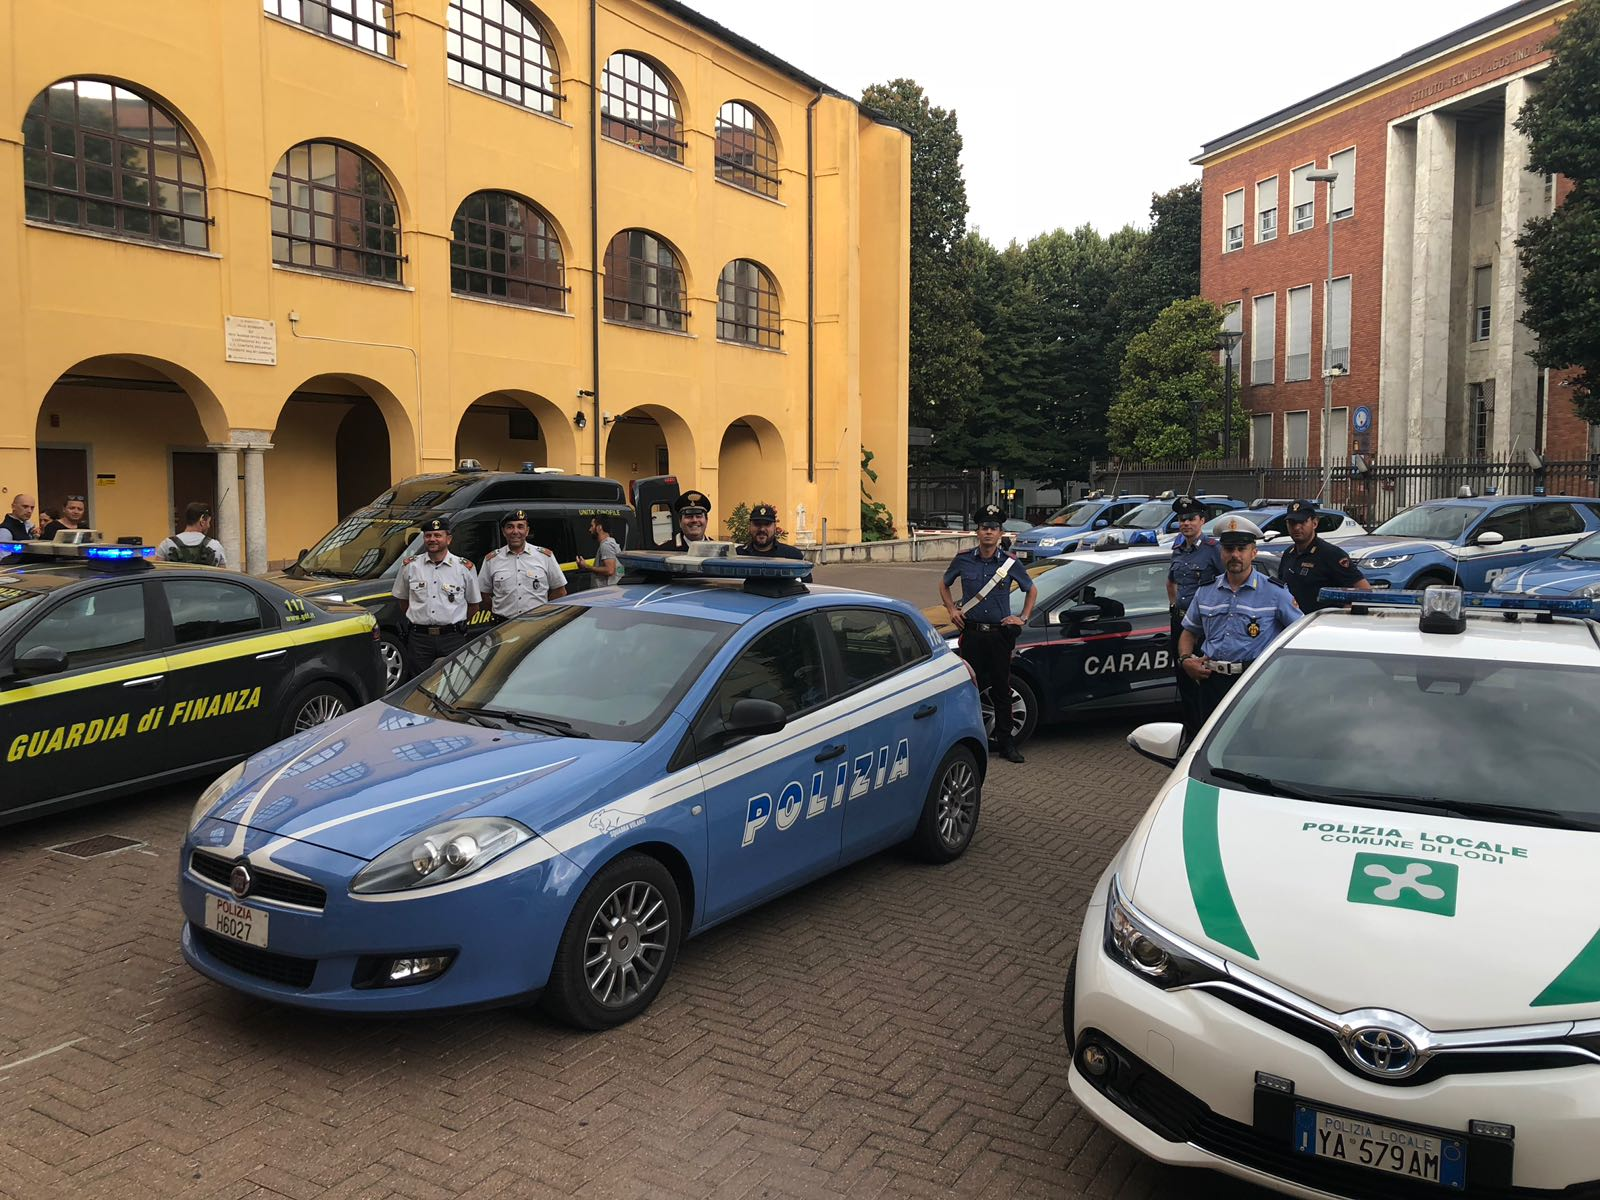 Polizia di stato questure sul web lodi for Polizia di soggiorno